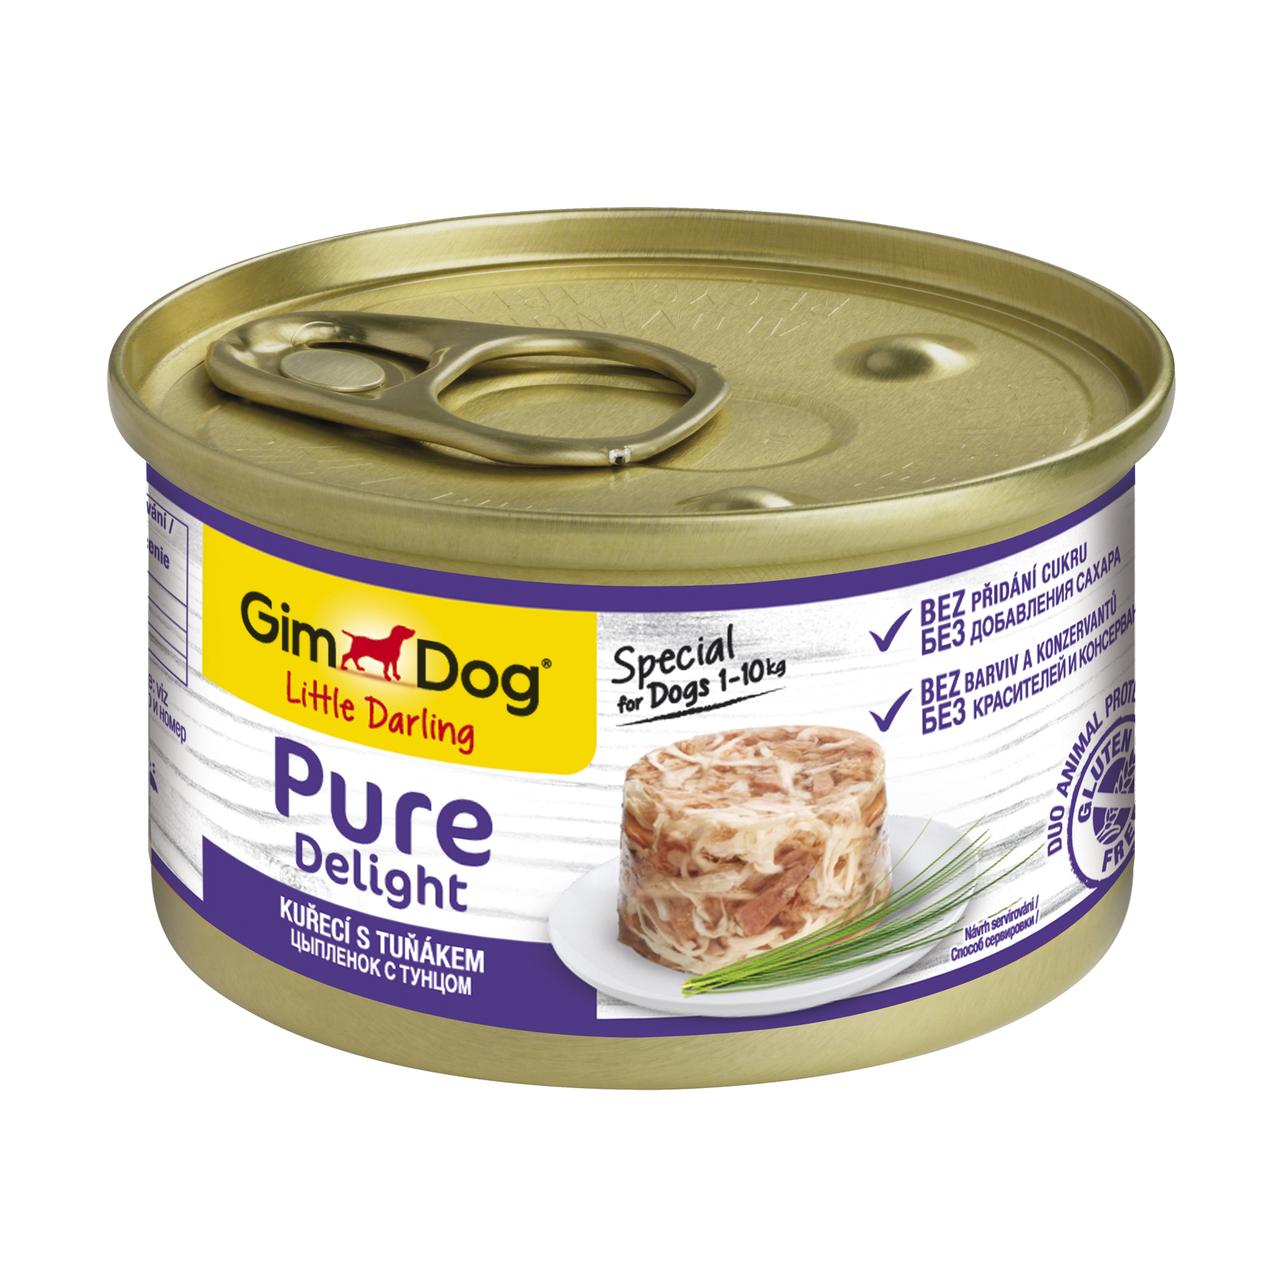 Вологий корм для собак GimDog LD Pure Delight 85 г (курка і ягня)